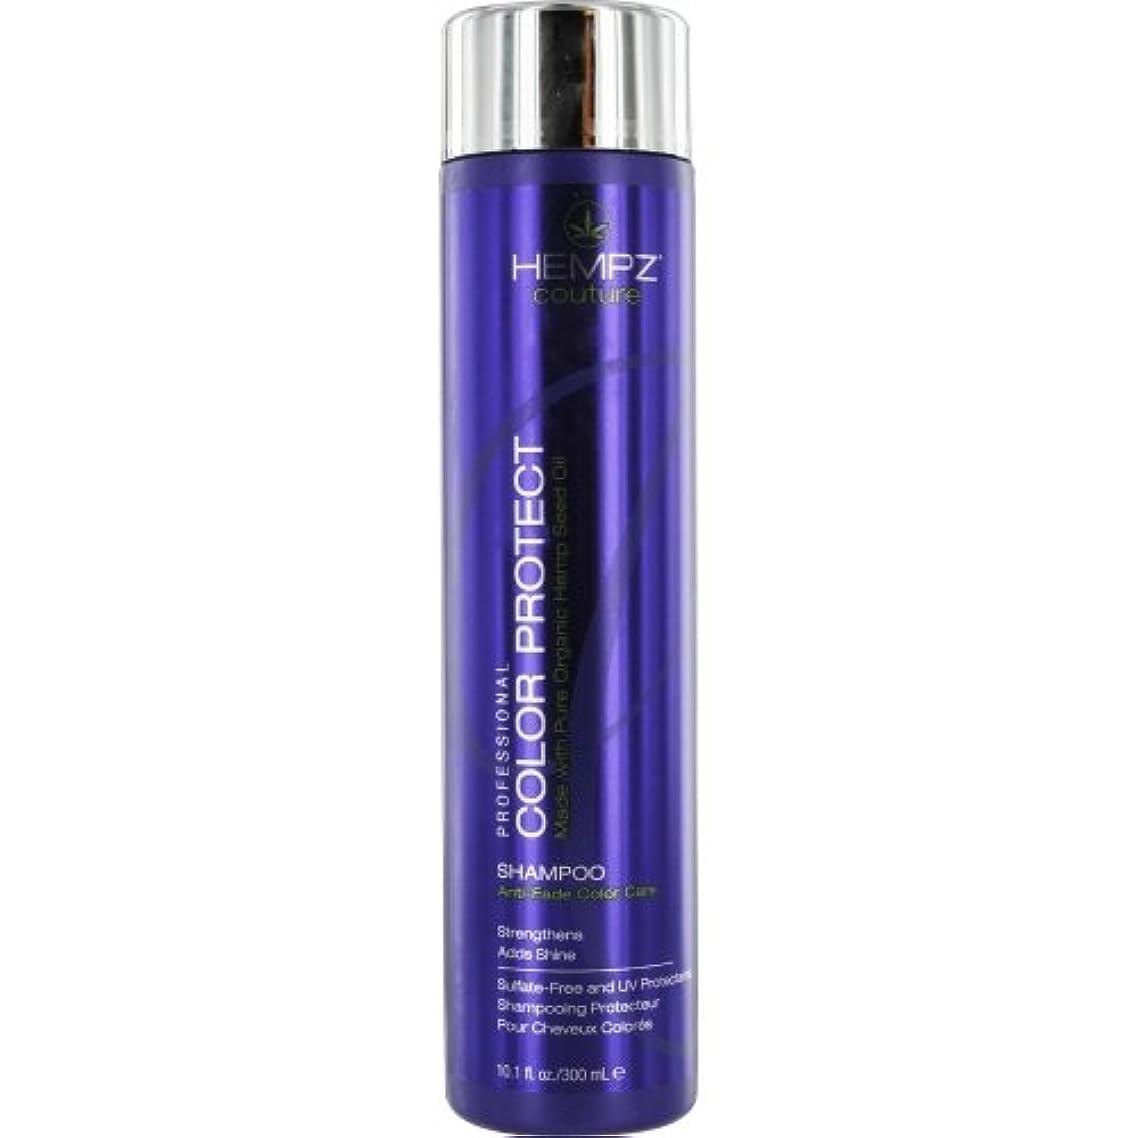 Hempz Color Protect Shampoo, 10.1 Fluid Ounce